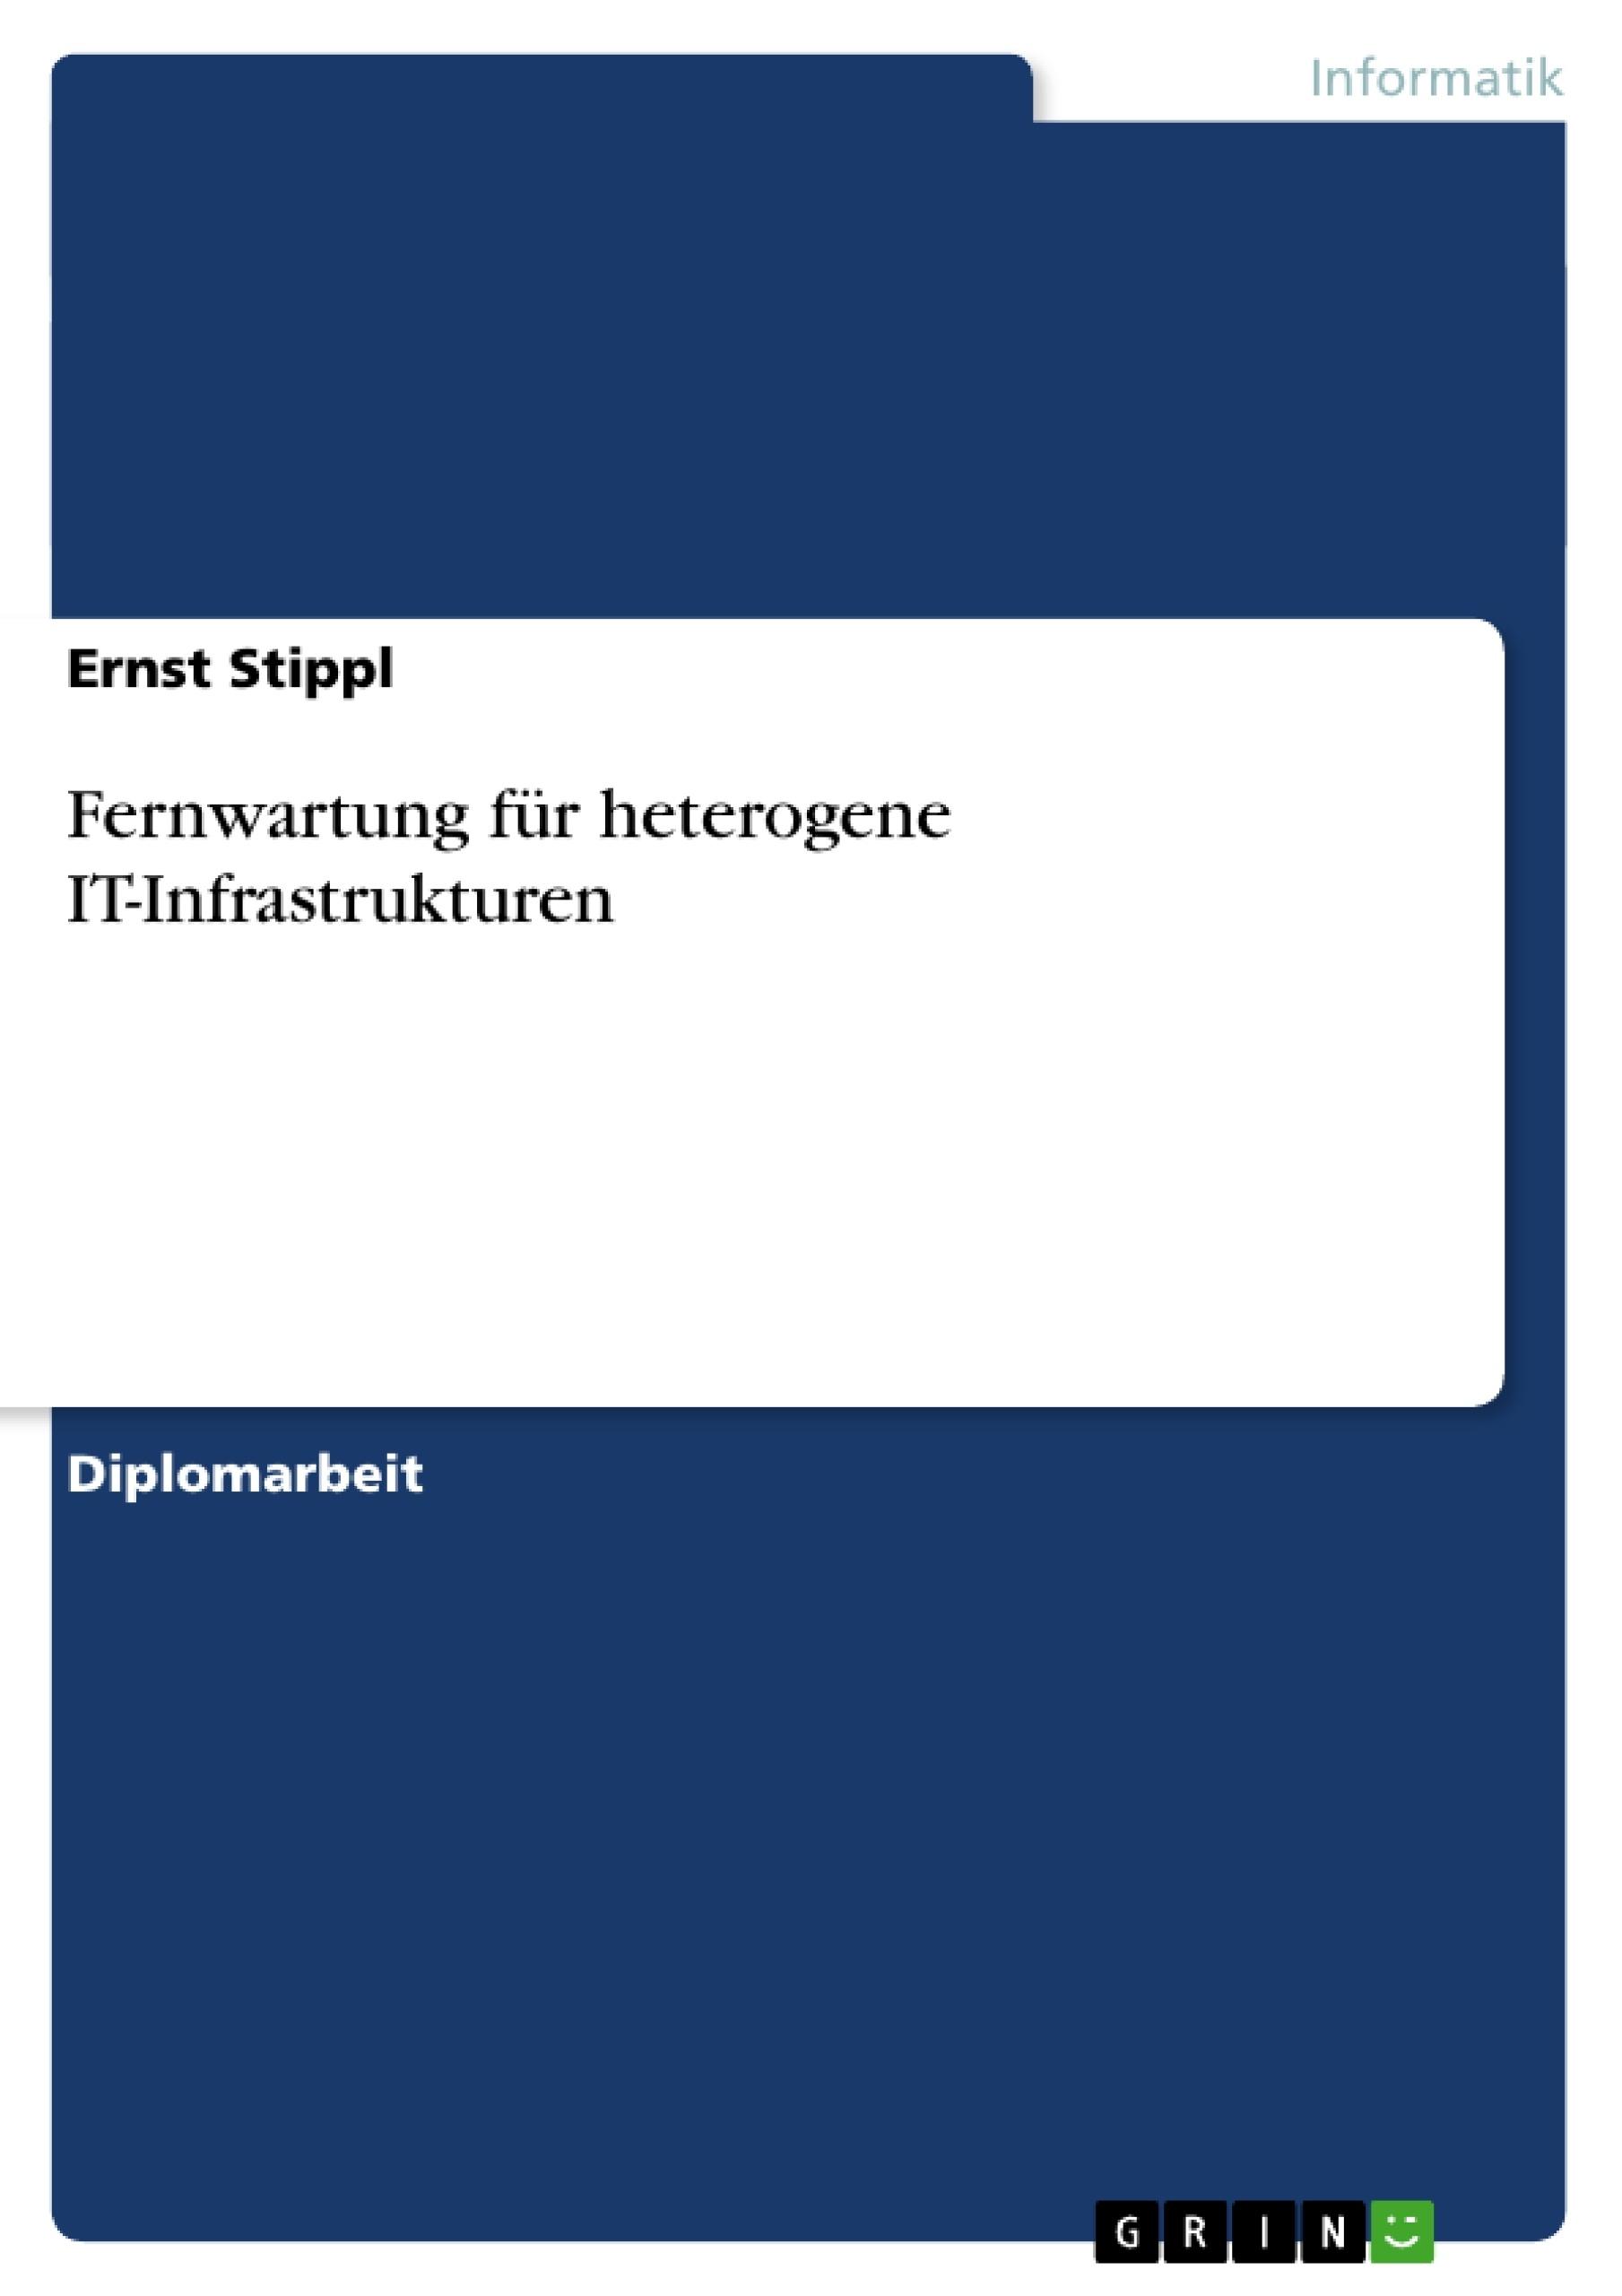 Titel: Fernwartung für heterogene IT-Infrastrukturen